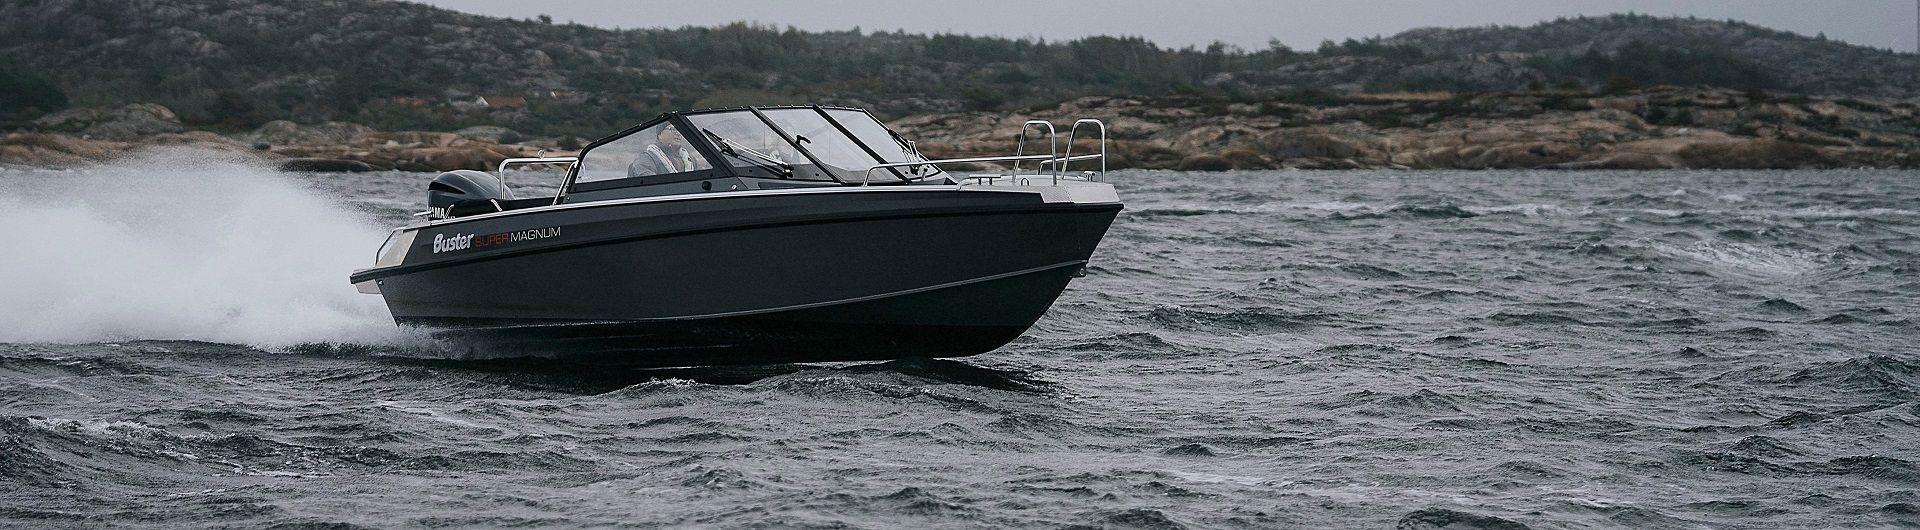 Sportboot Aluminiumboot Buster Supermagnum